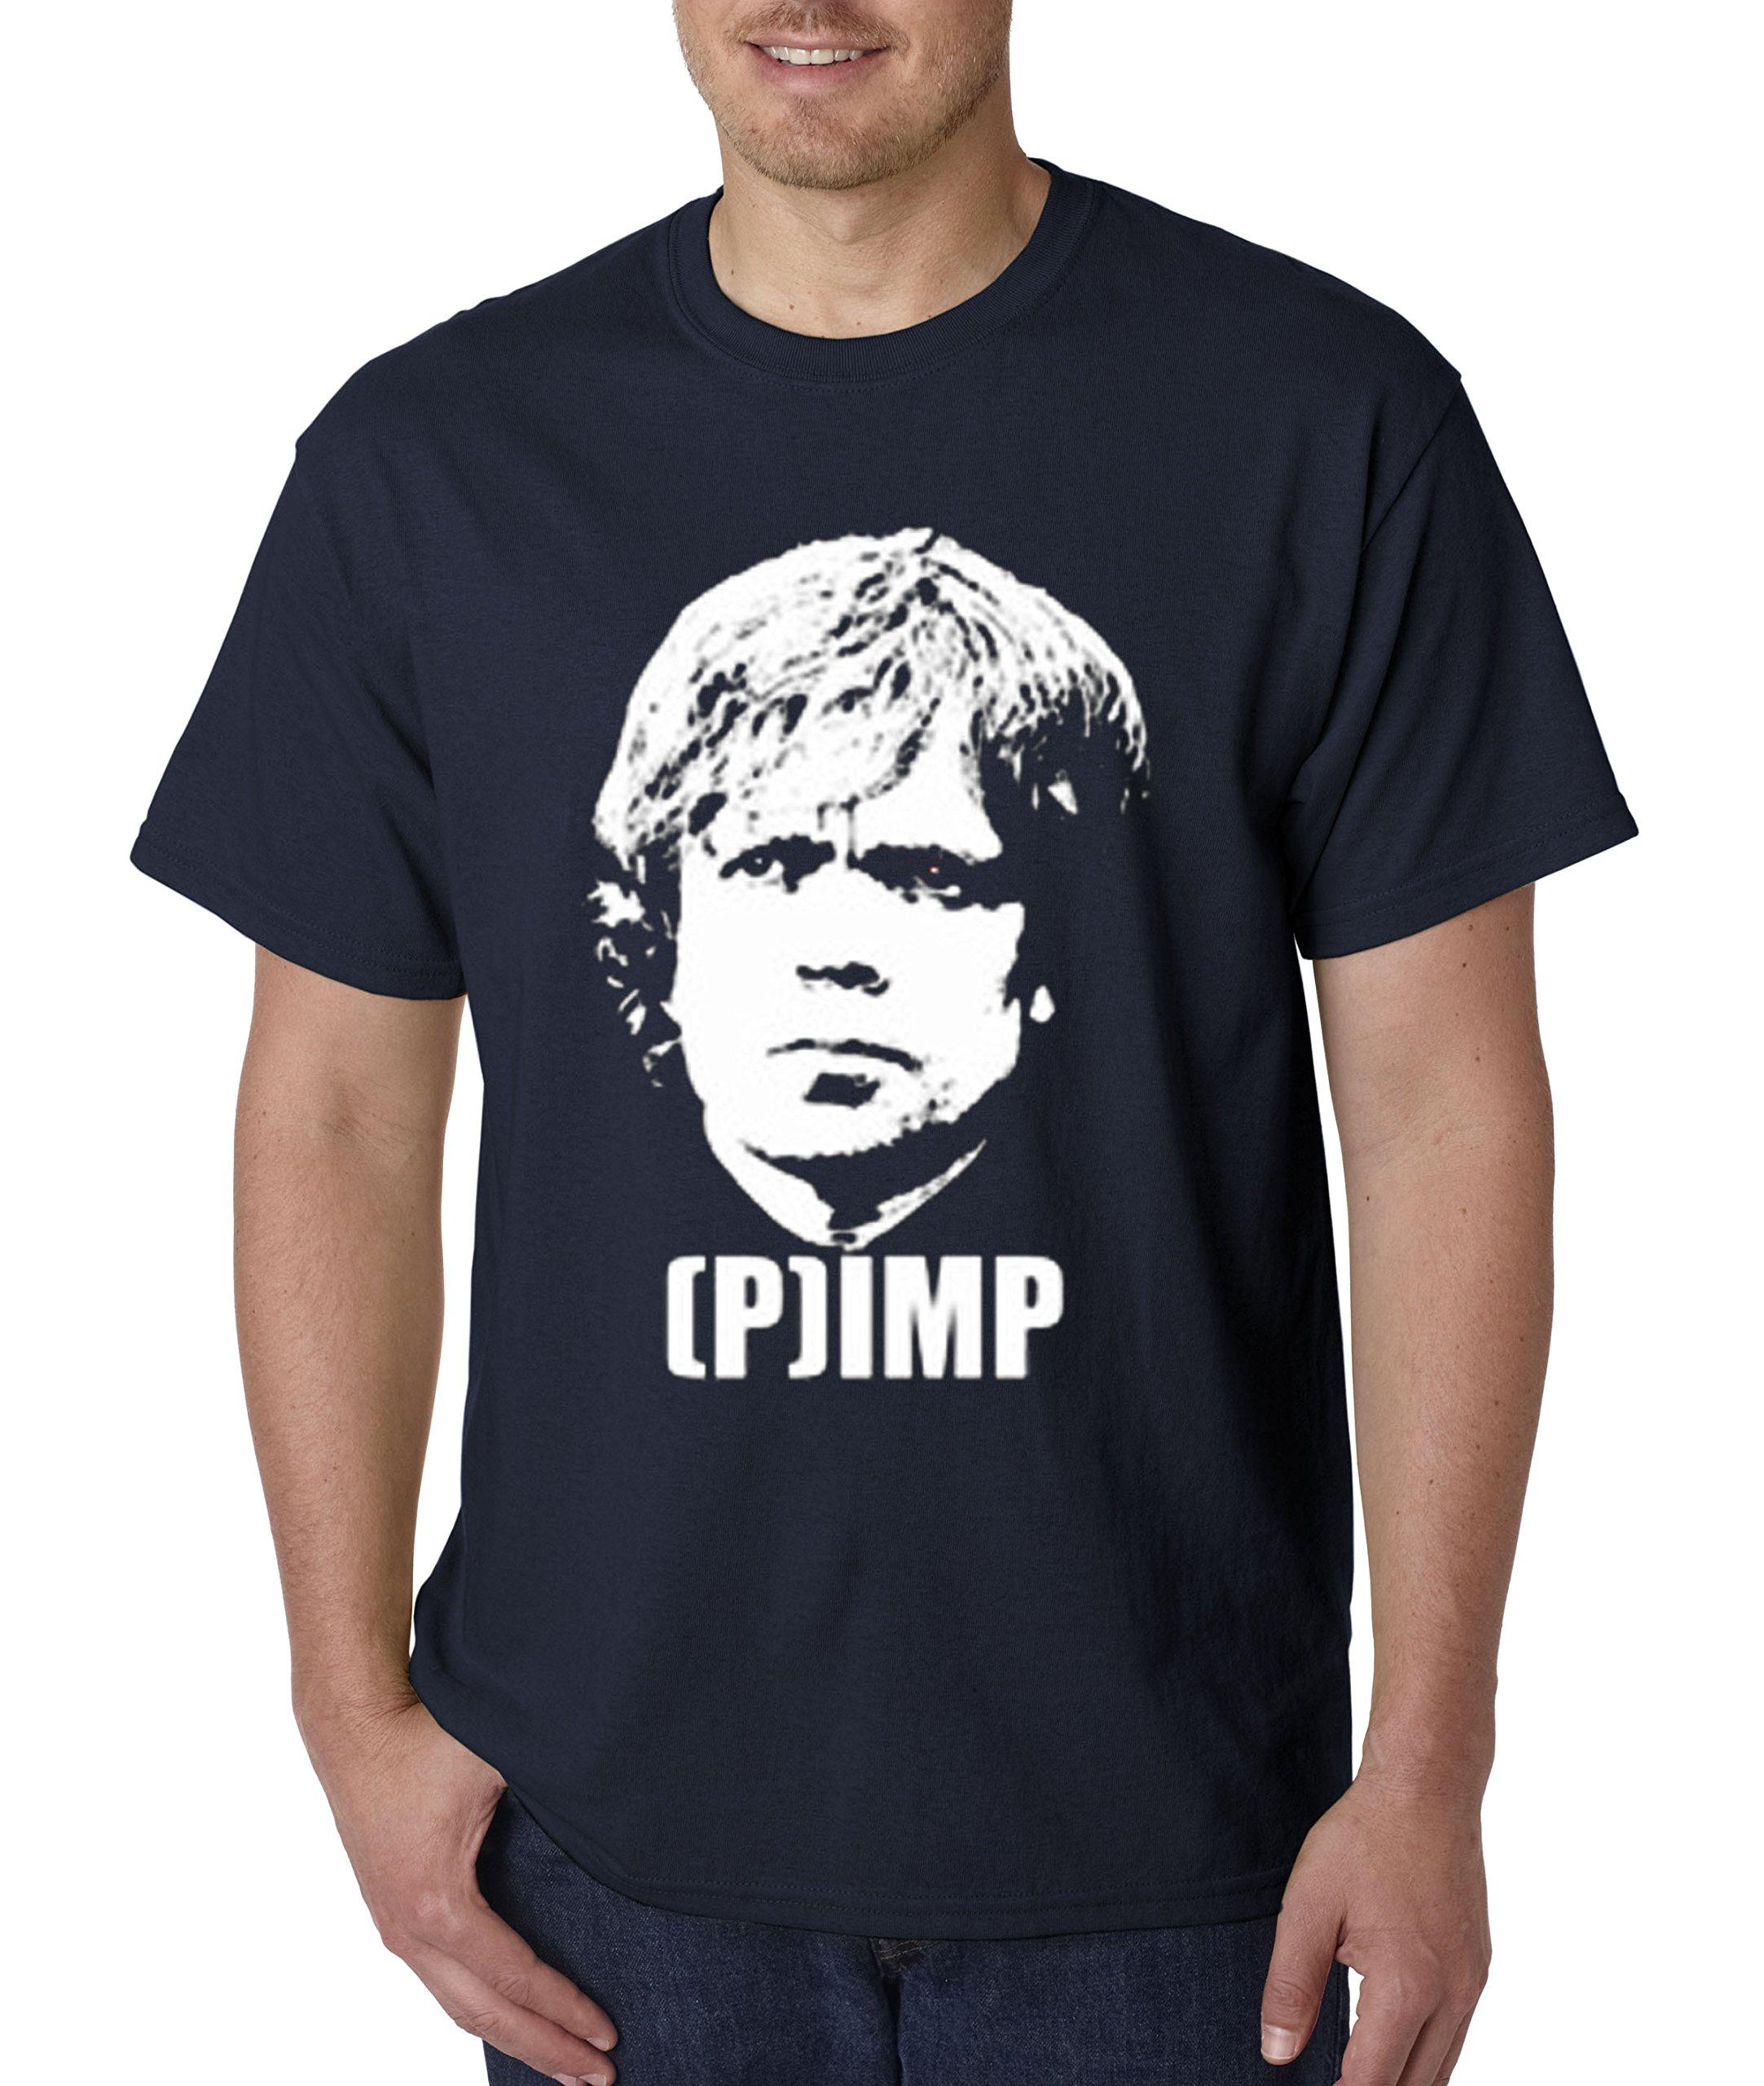 168 Unisex T Shirt Tyrion Lannister Pimp Imp Parody 2049